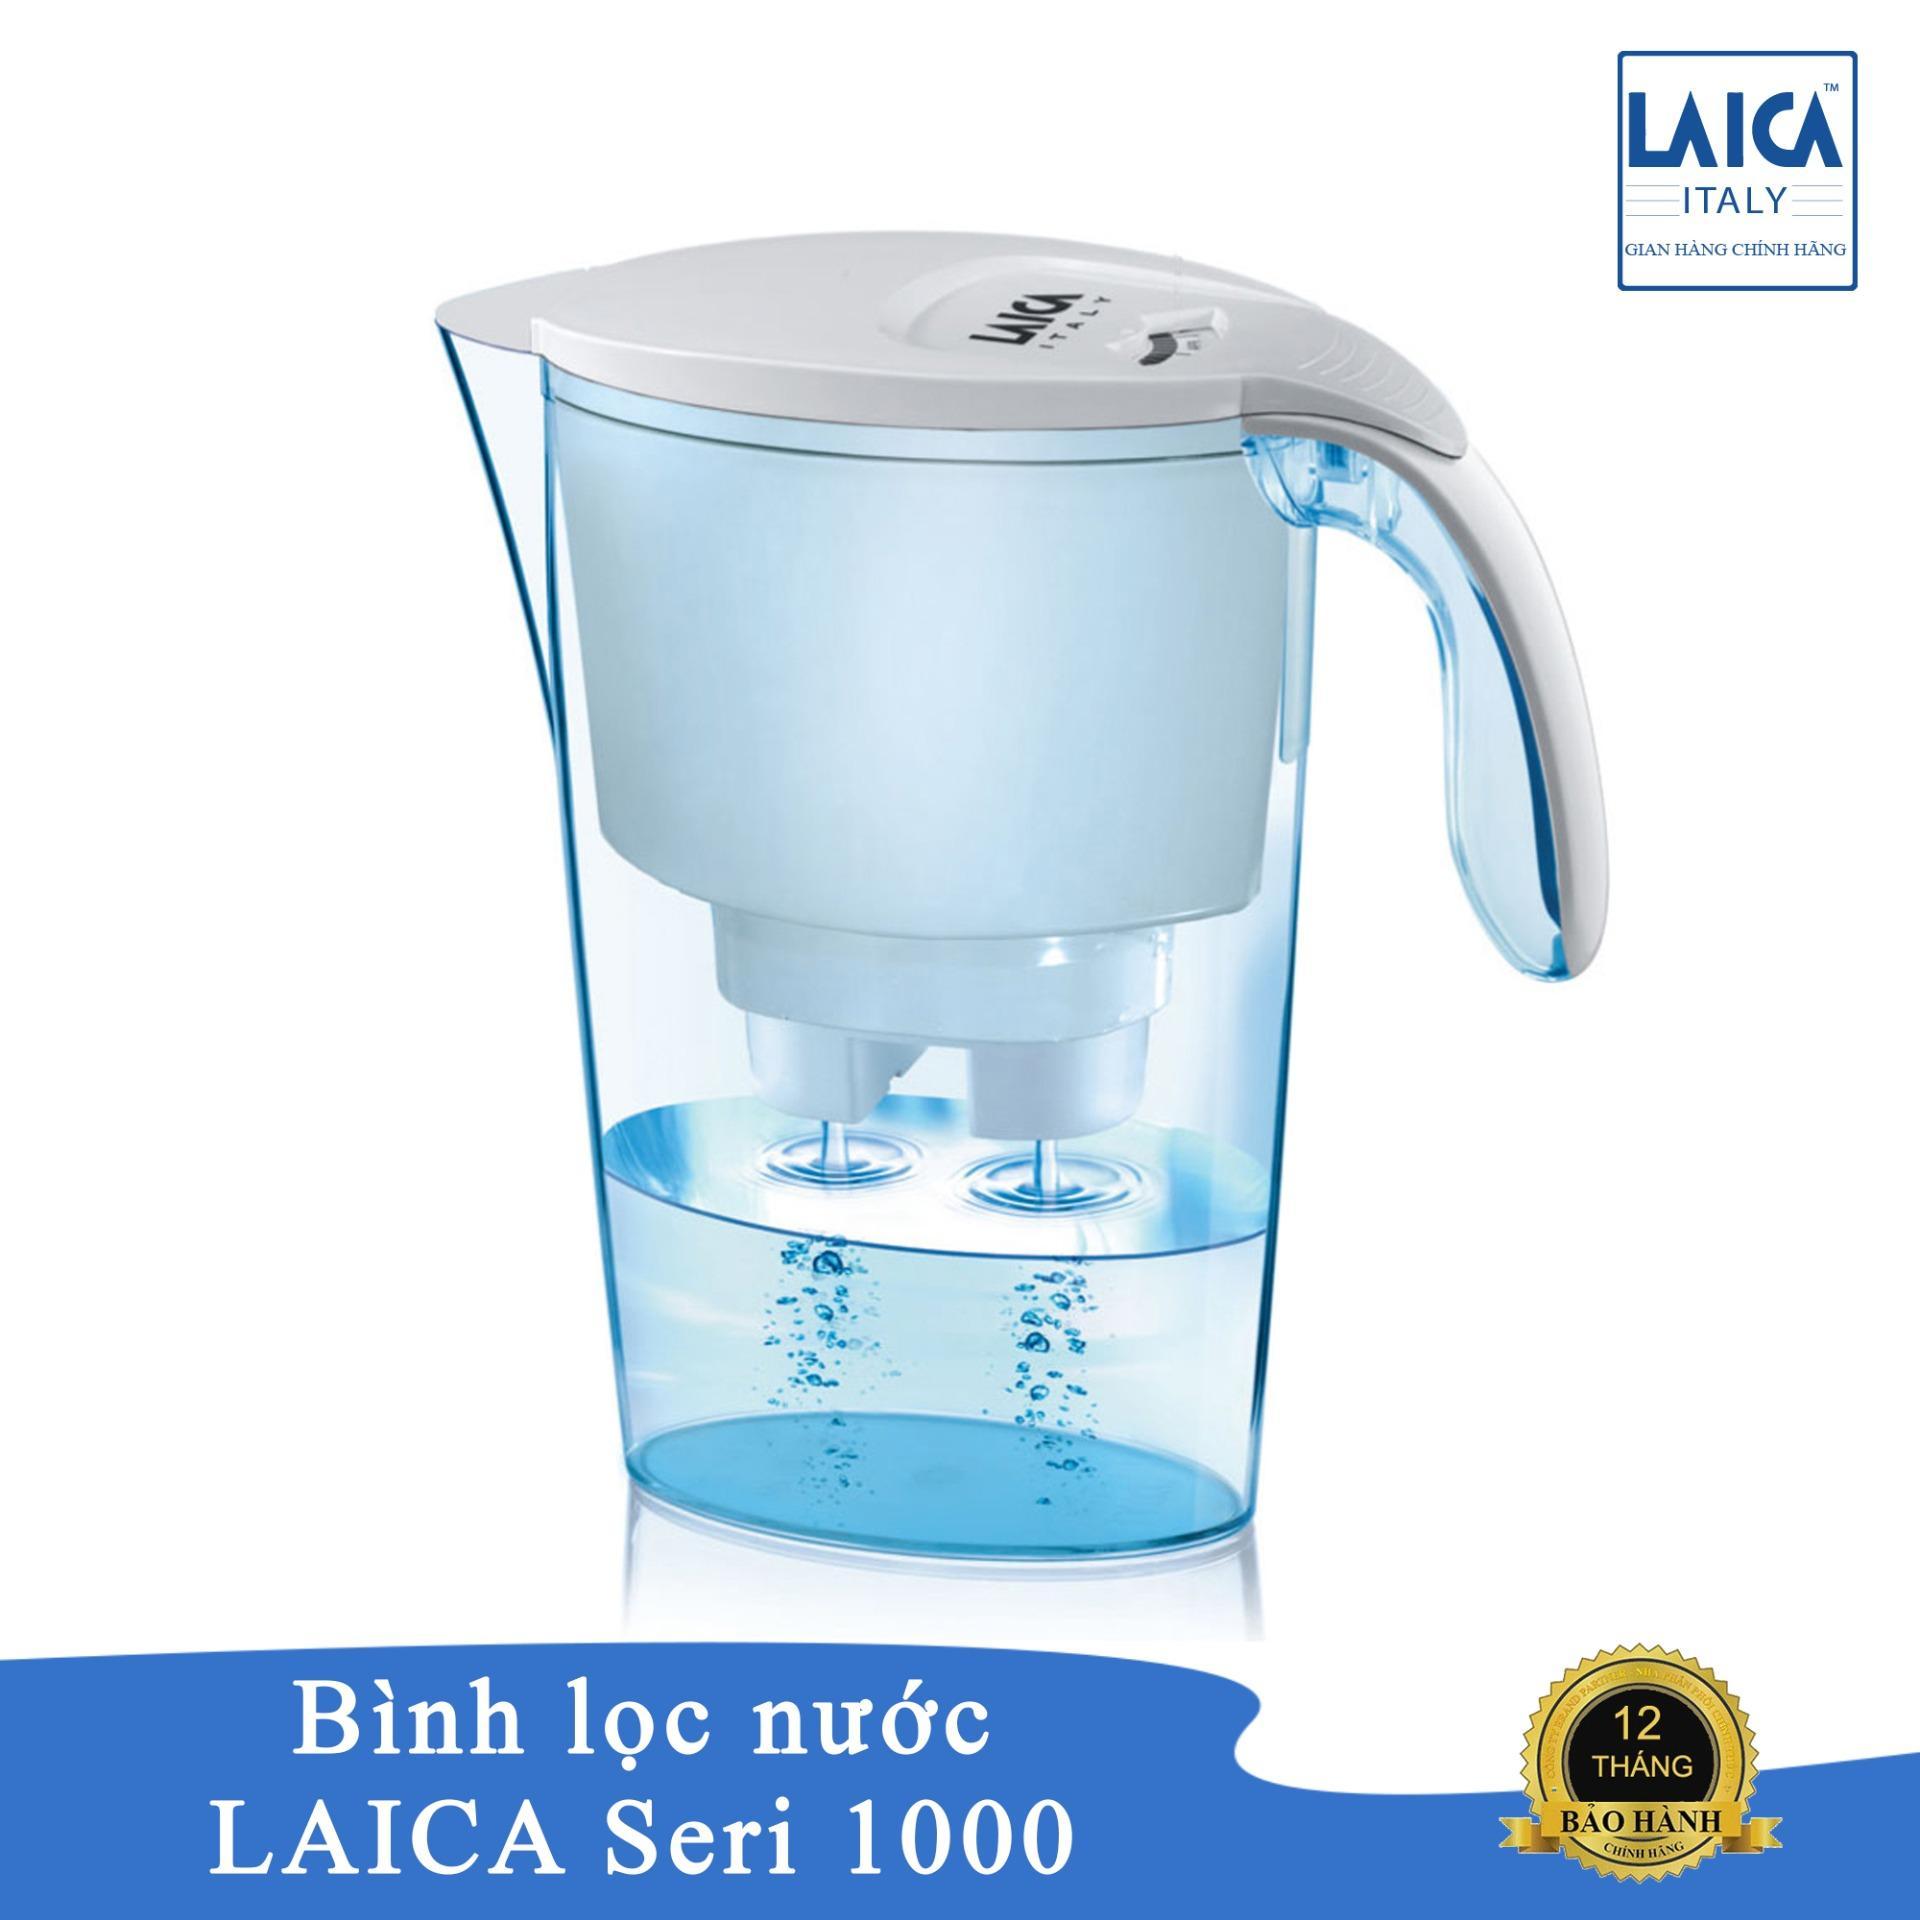 Giảm Giá Khi Mua cho Bình Lọc Nước Series 1000 Laica J11A